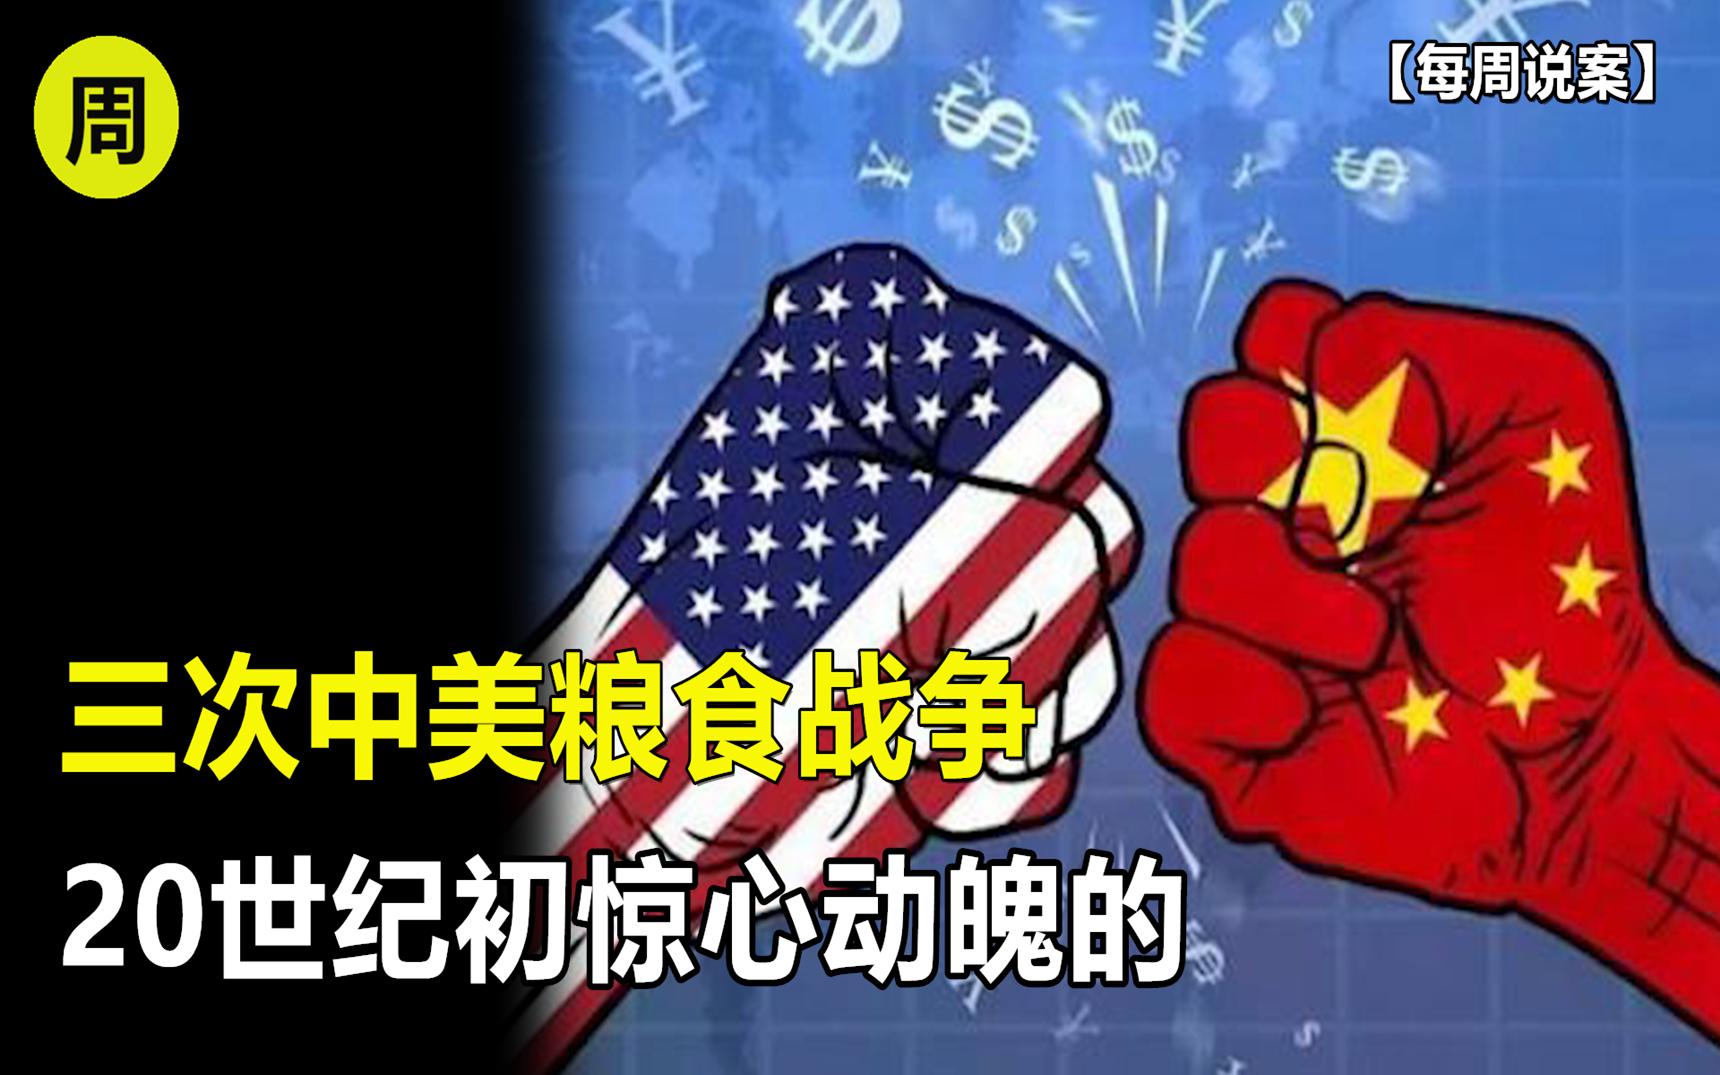 美国联合四大国际粮商,打算控制中国粮价?看中国如何反败为胜!